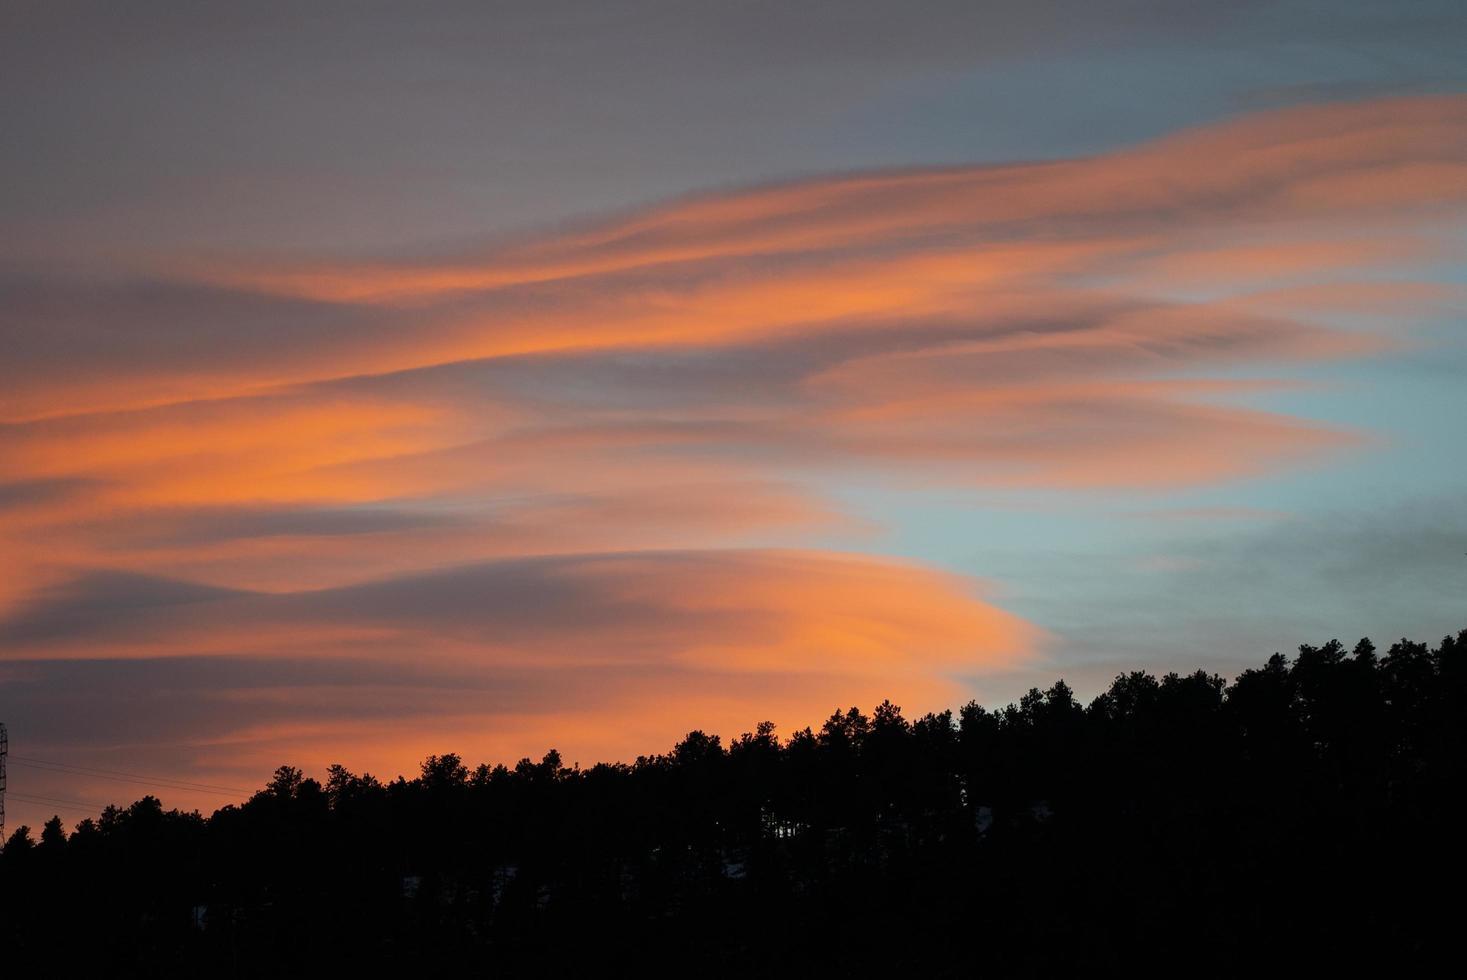 sagoma di alberi durante il tramonto foto